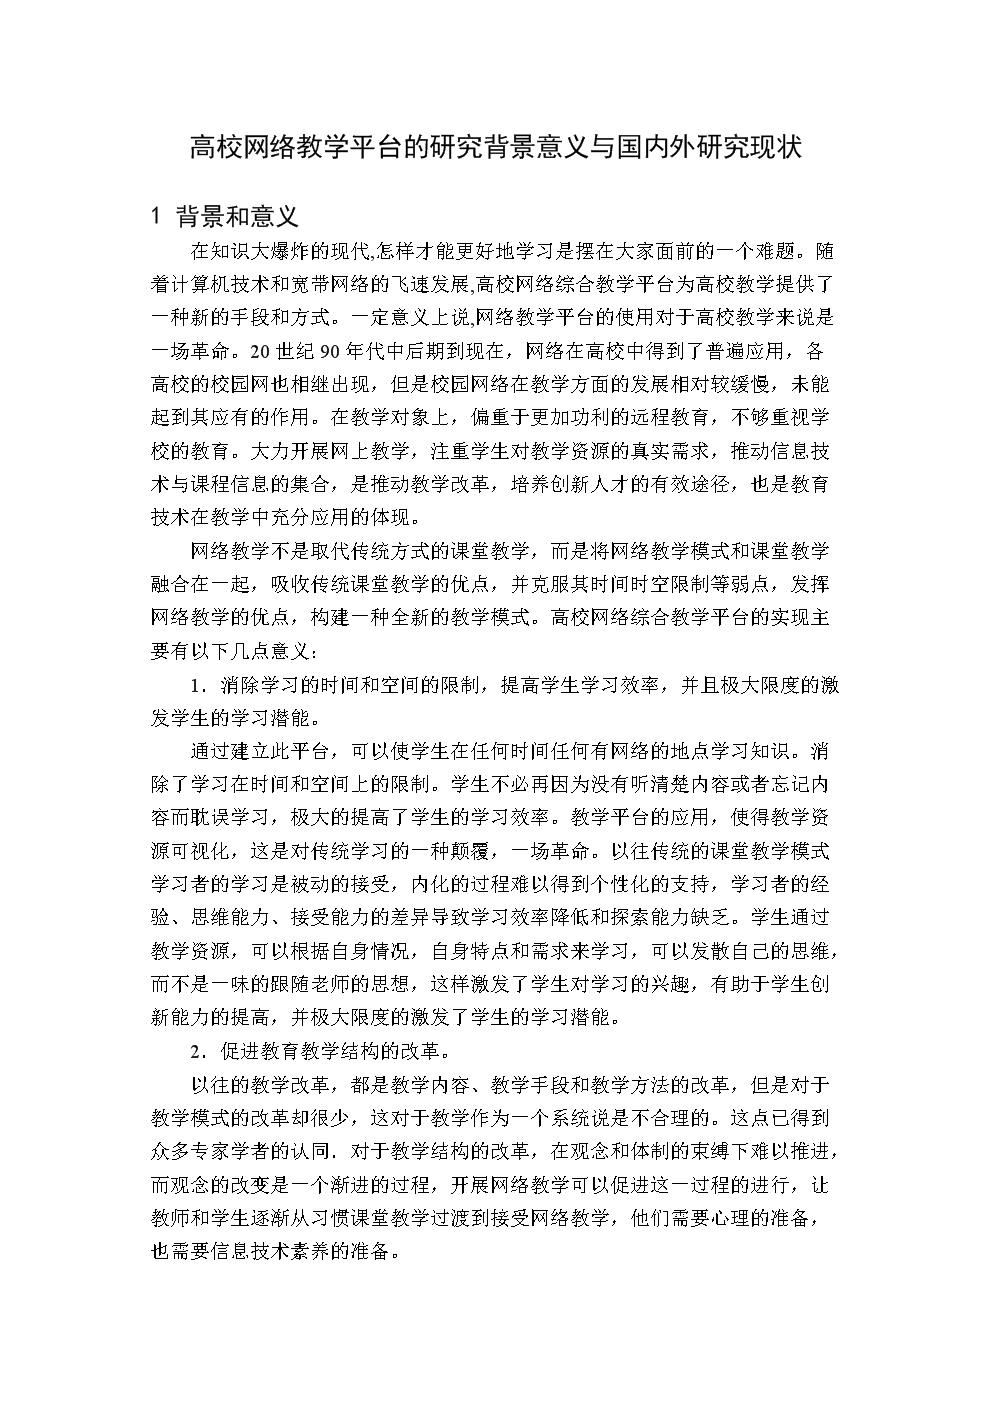 高校网络教学平台的研究背景意义与国内外研究现状.doc